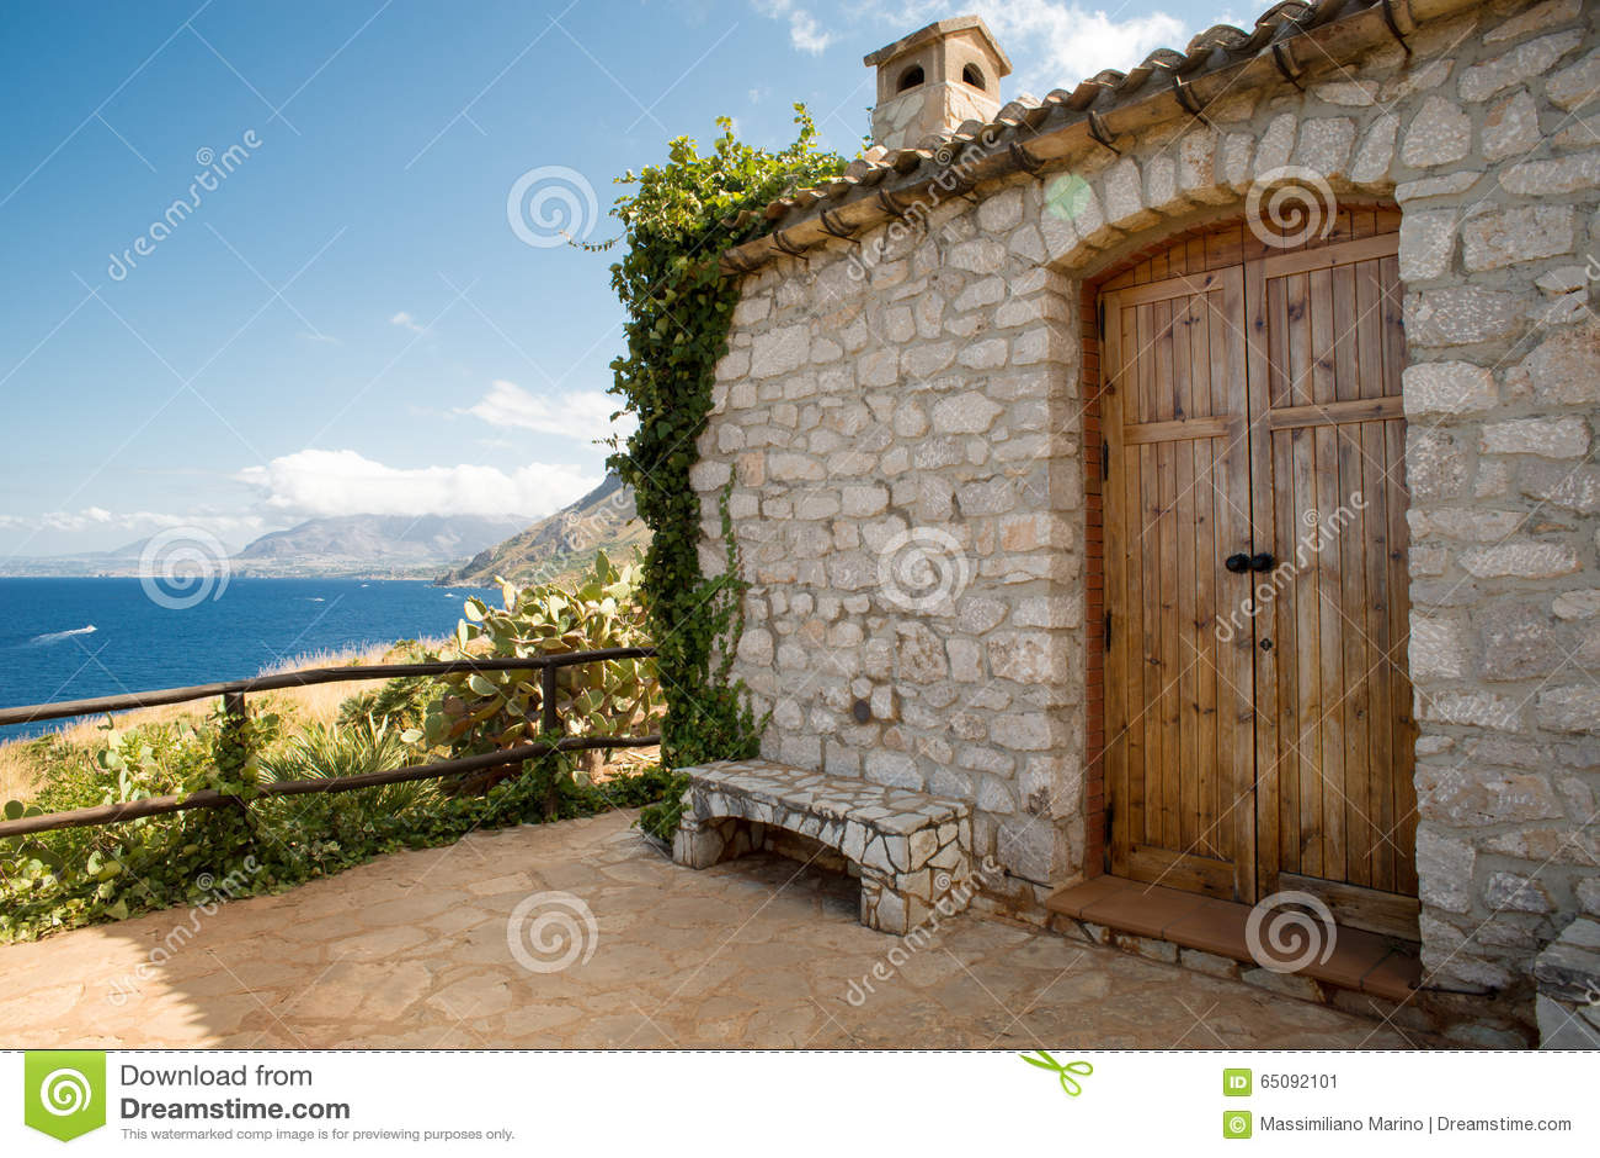 Casa Con Mattoni A Vista Dal Mare In Sicilia Fotografia Stock - Immagine: 650...